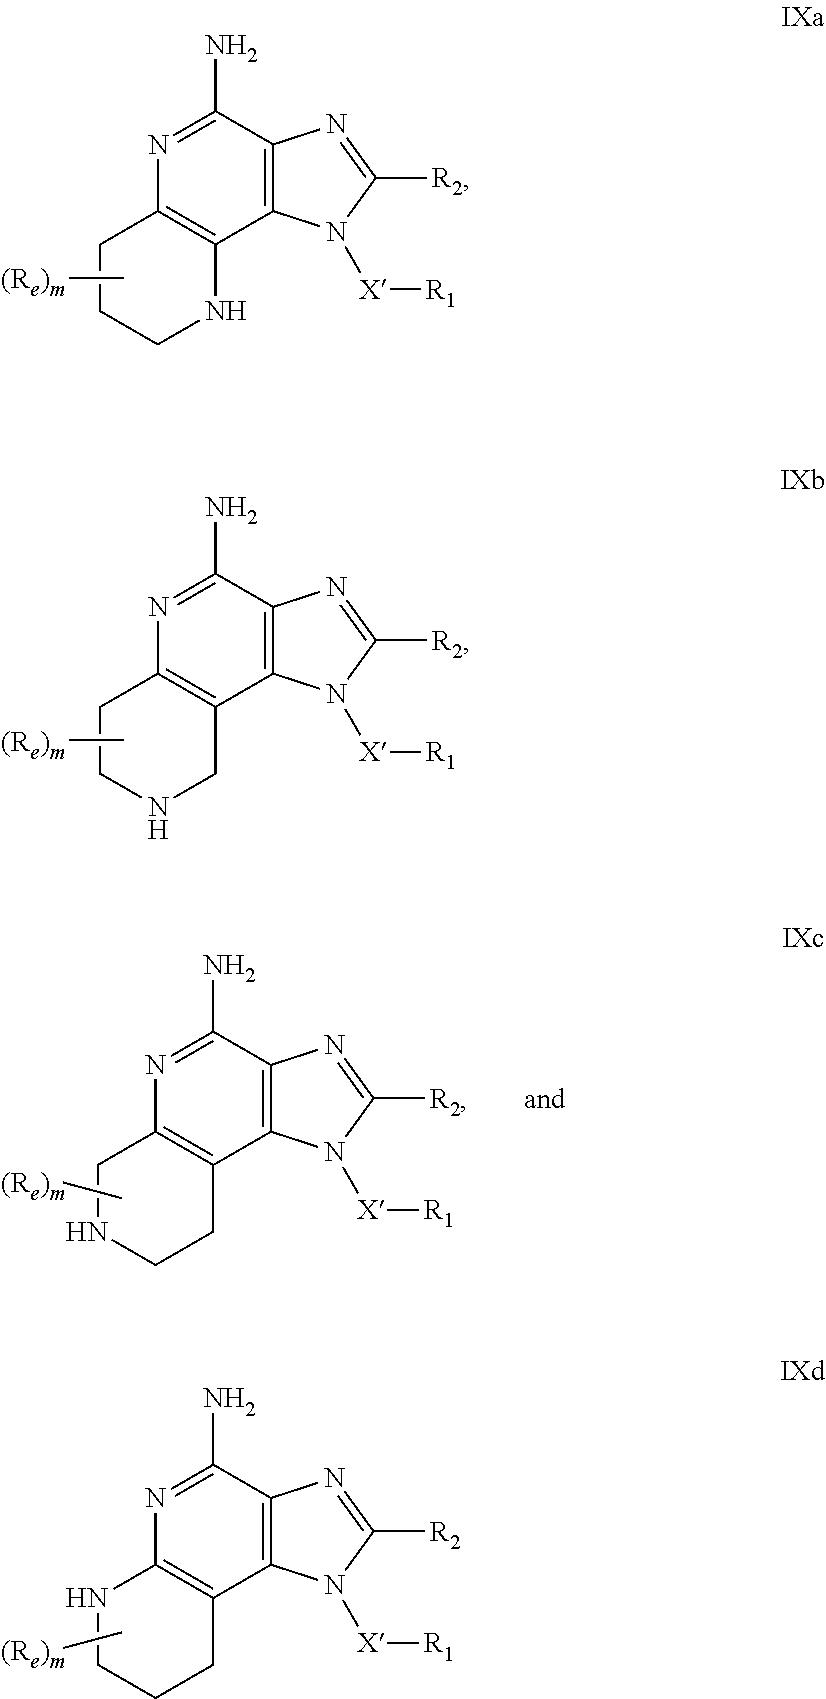 Figure US07915281-20110329-C00026